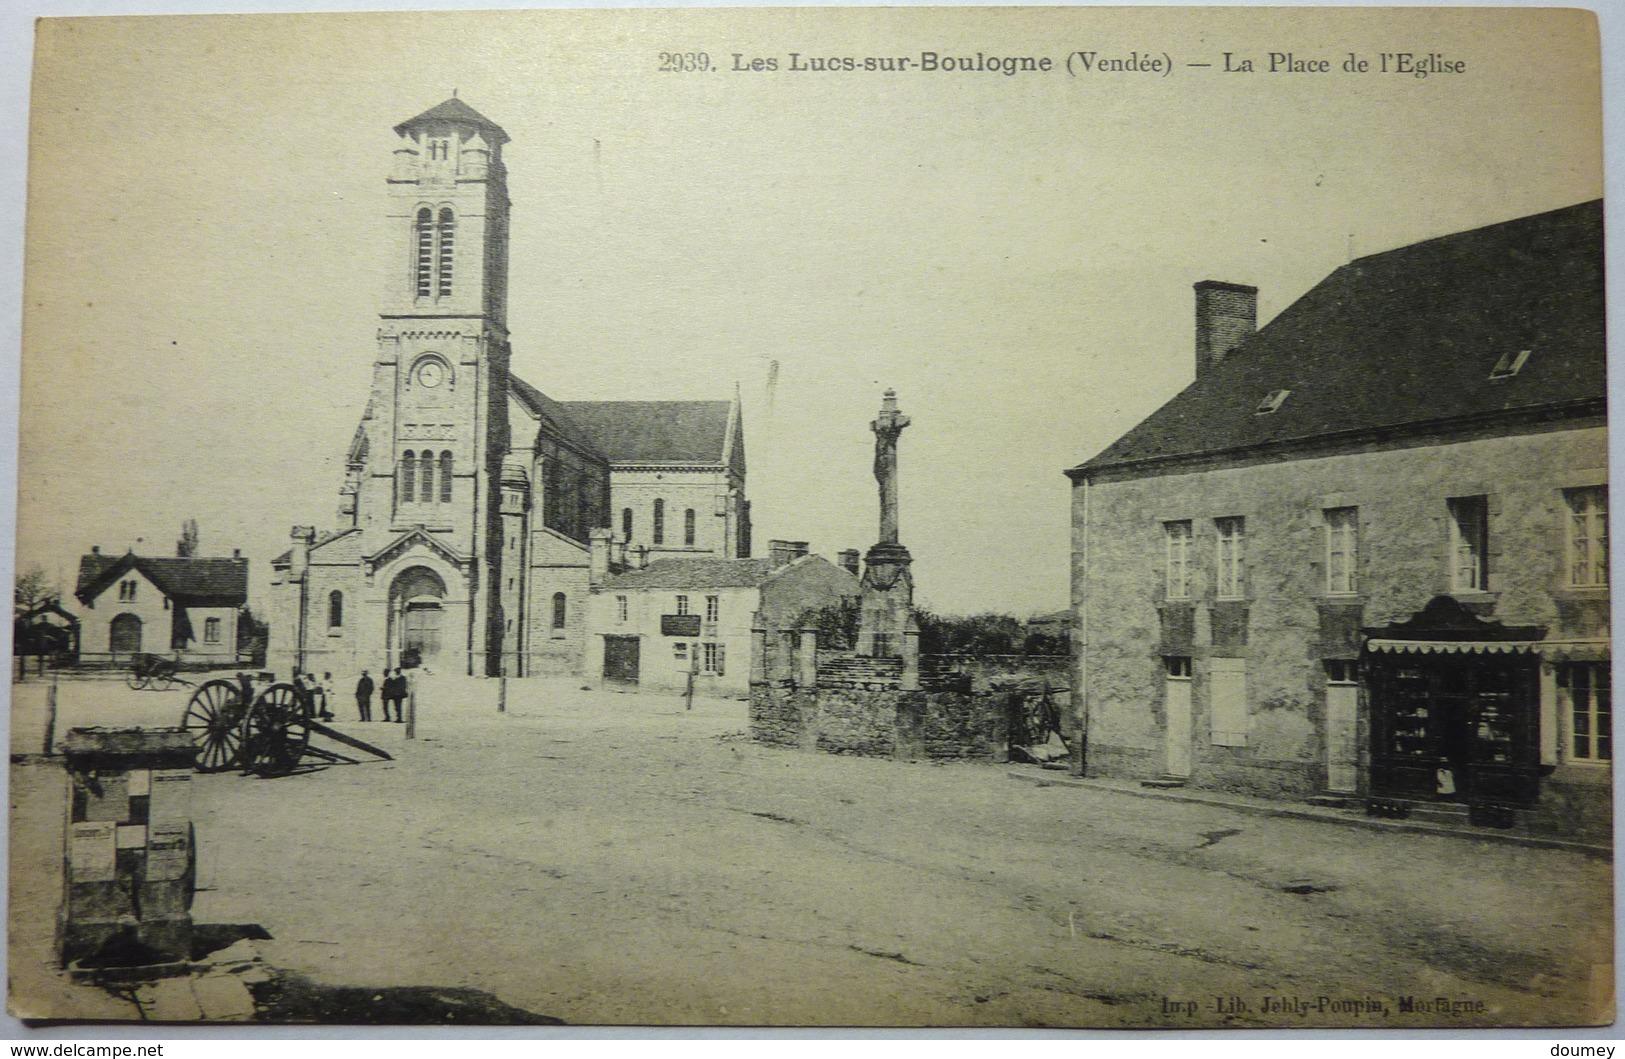 LA PLACE DE L'ÉGLISE - LES LUCS SUR BOULOGNE - Les Lucs Sur Boulogne